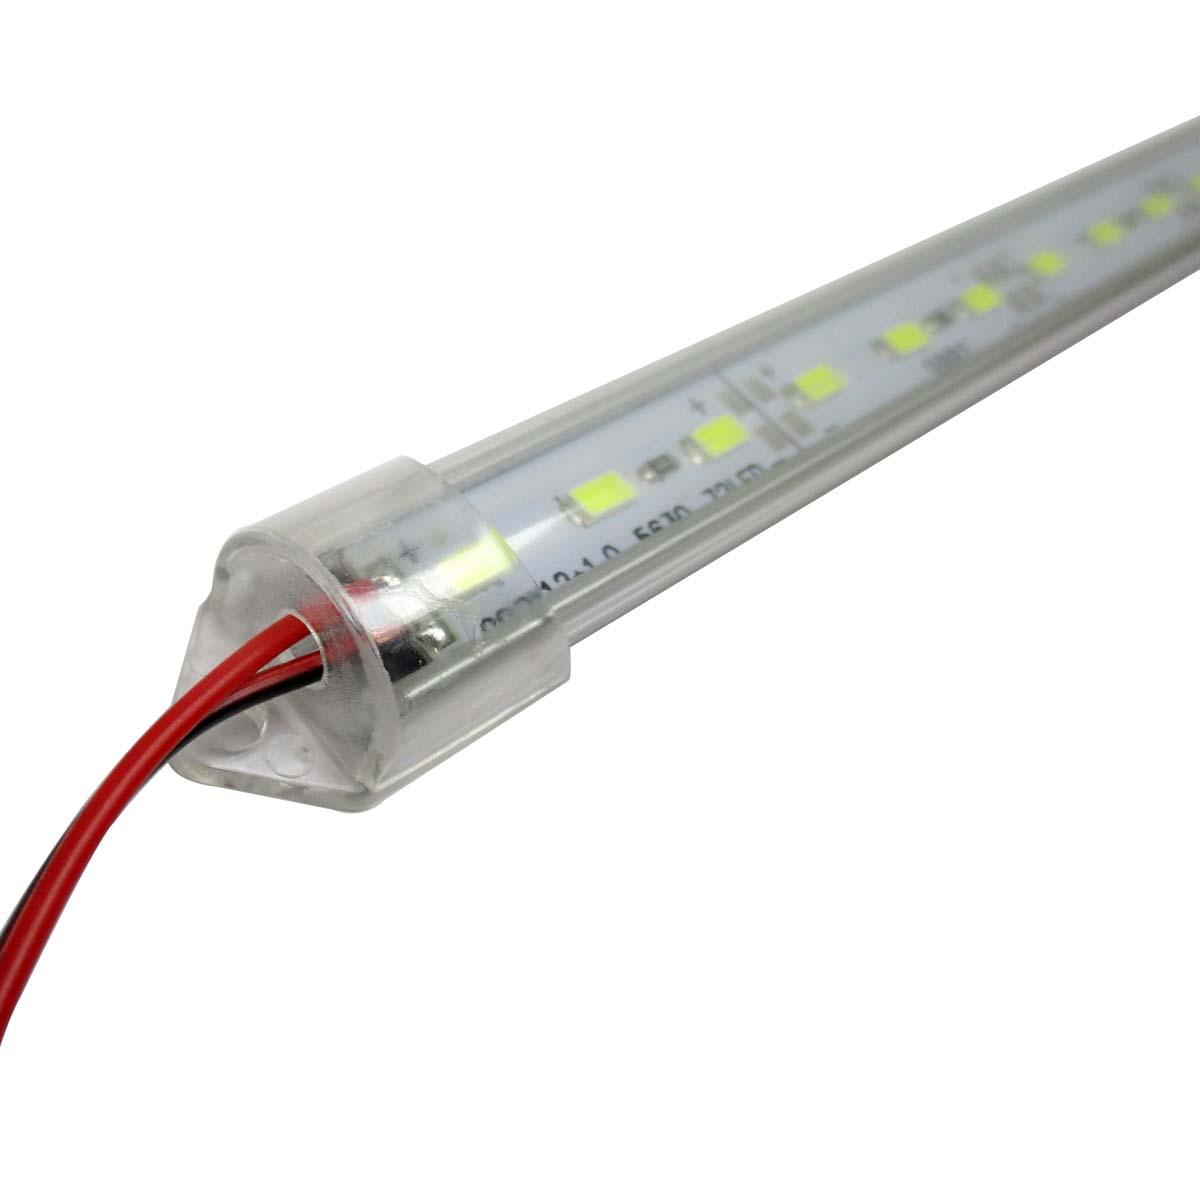 LED Lichtband Stripe 1m 12V Aluschiene Abdeckung Unterbau Leuchte Küche Licht